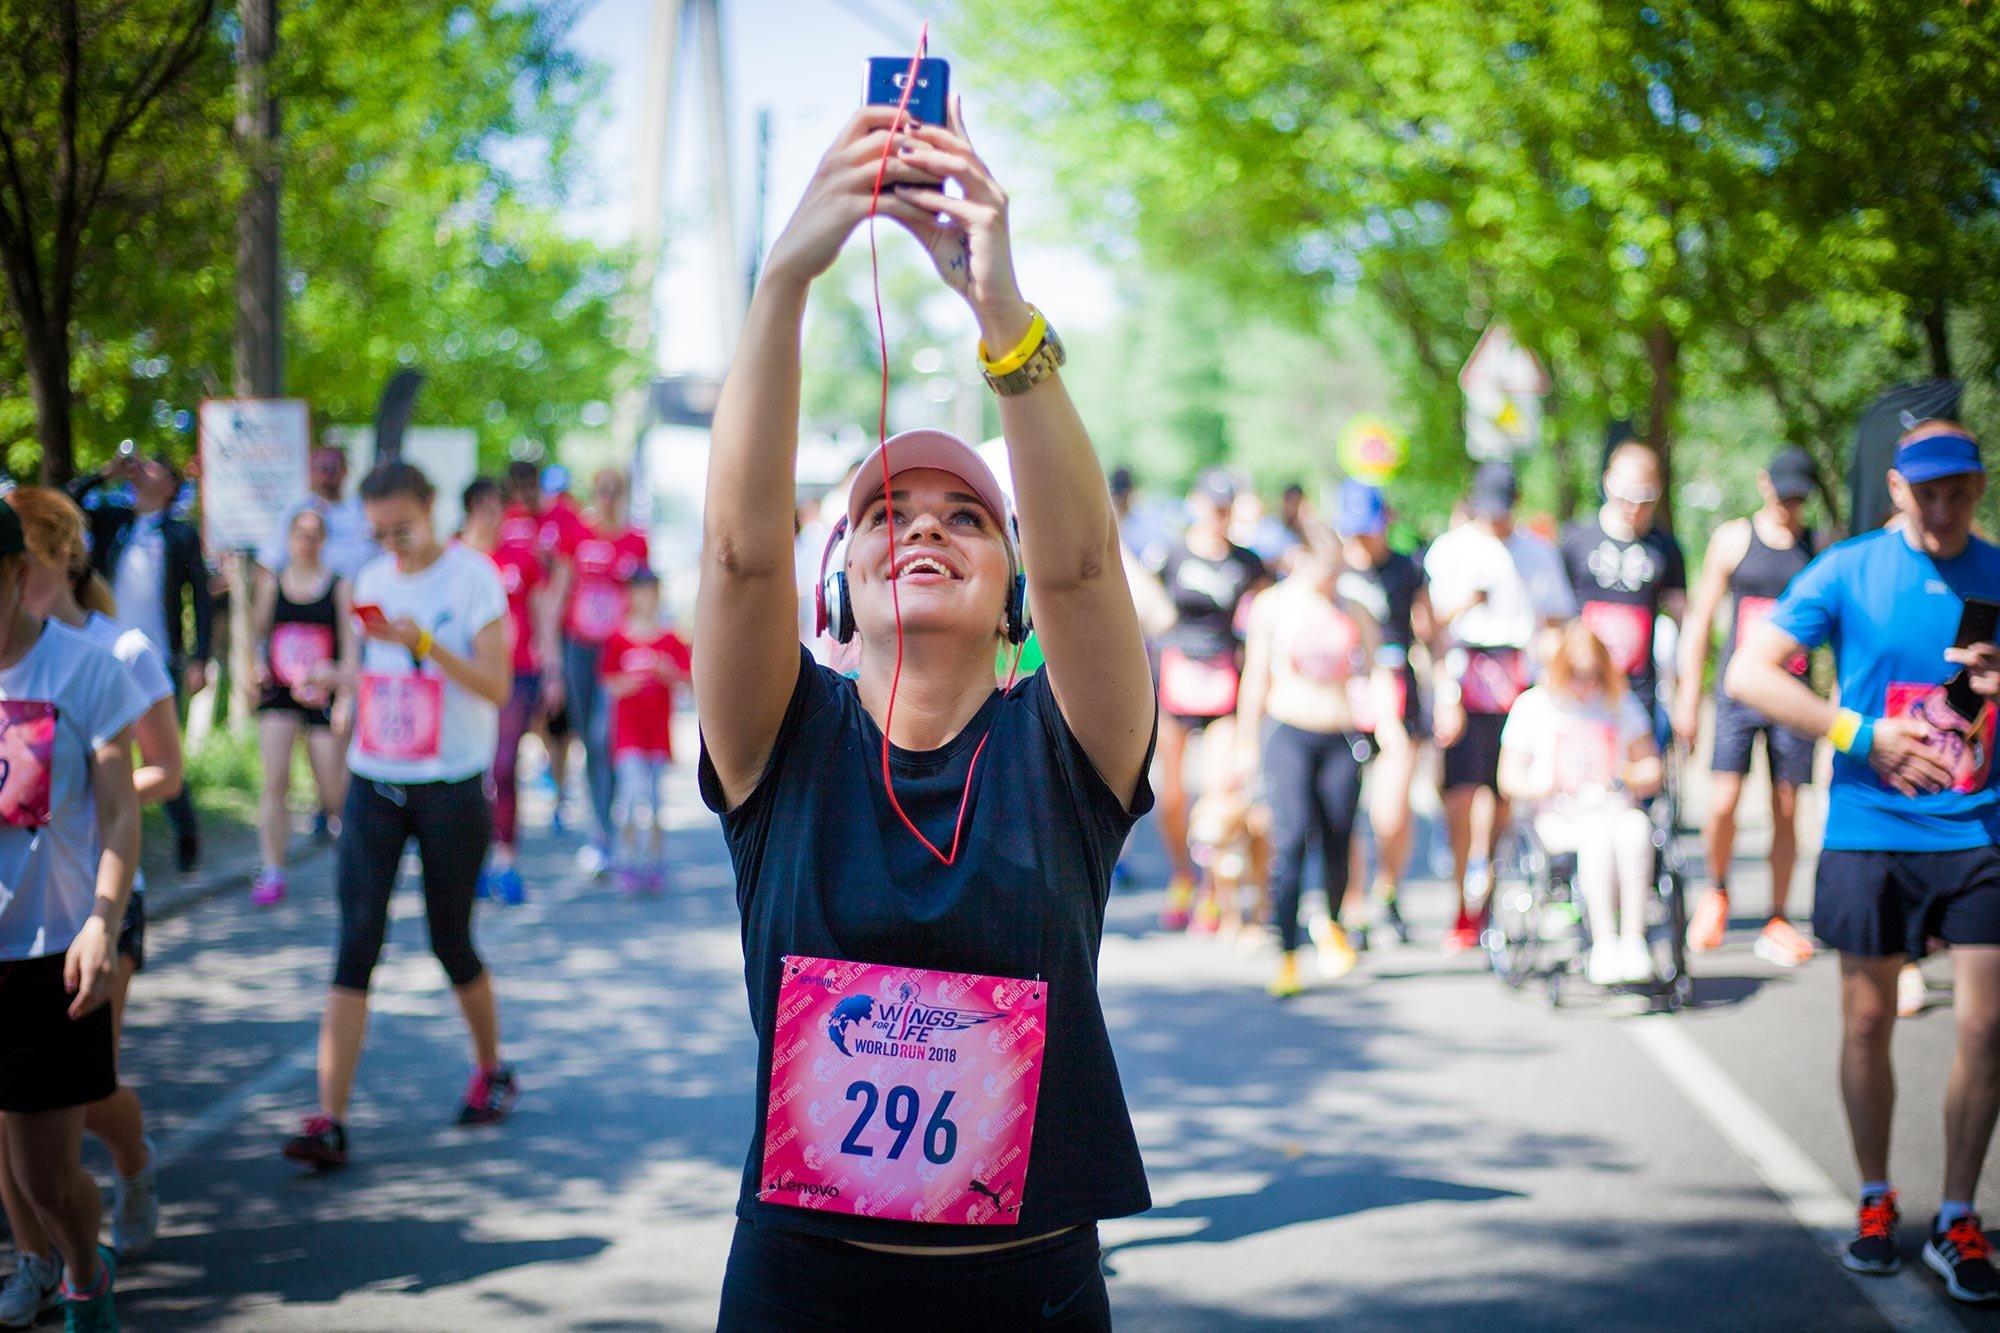 Масовий біг: мода на здоров'я